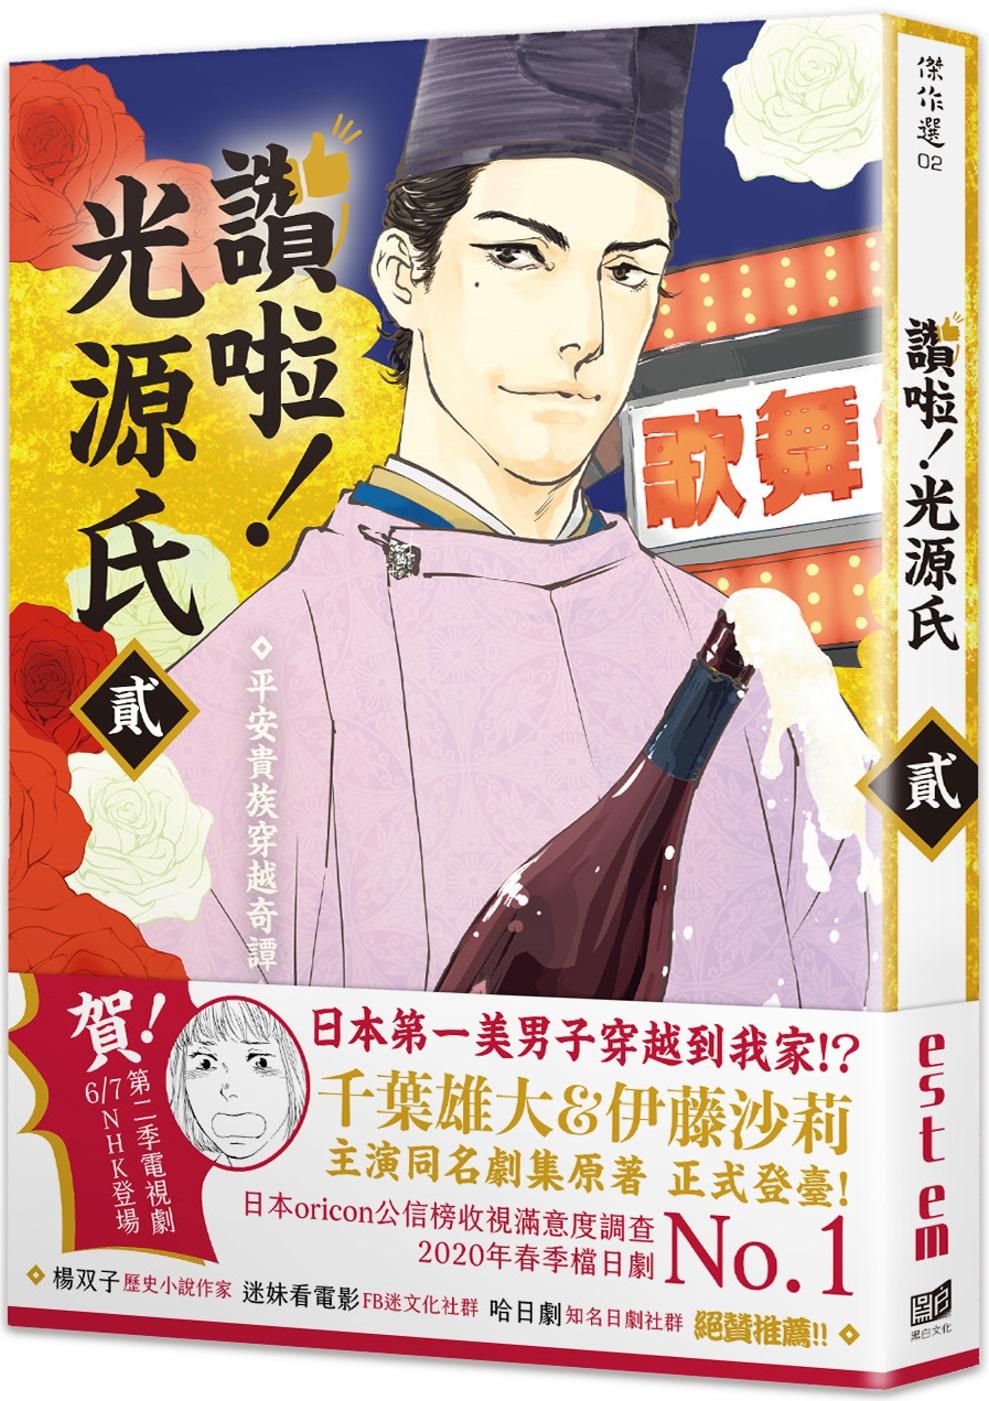 讚啦!光源氏(2) 平安貴族穿越奇譚